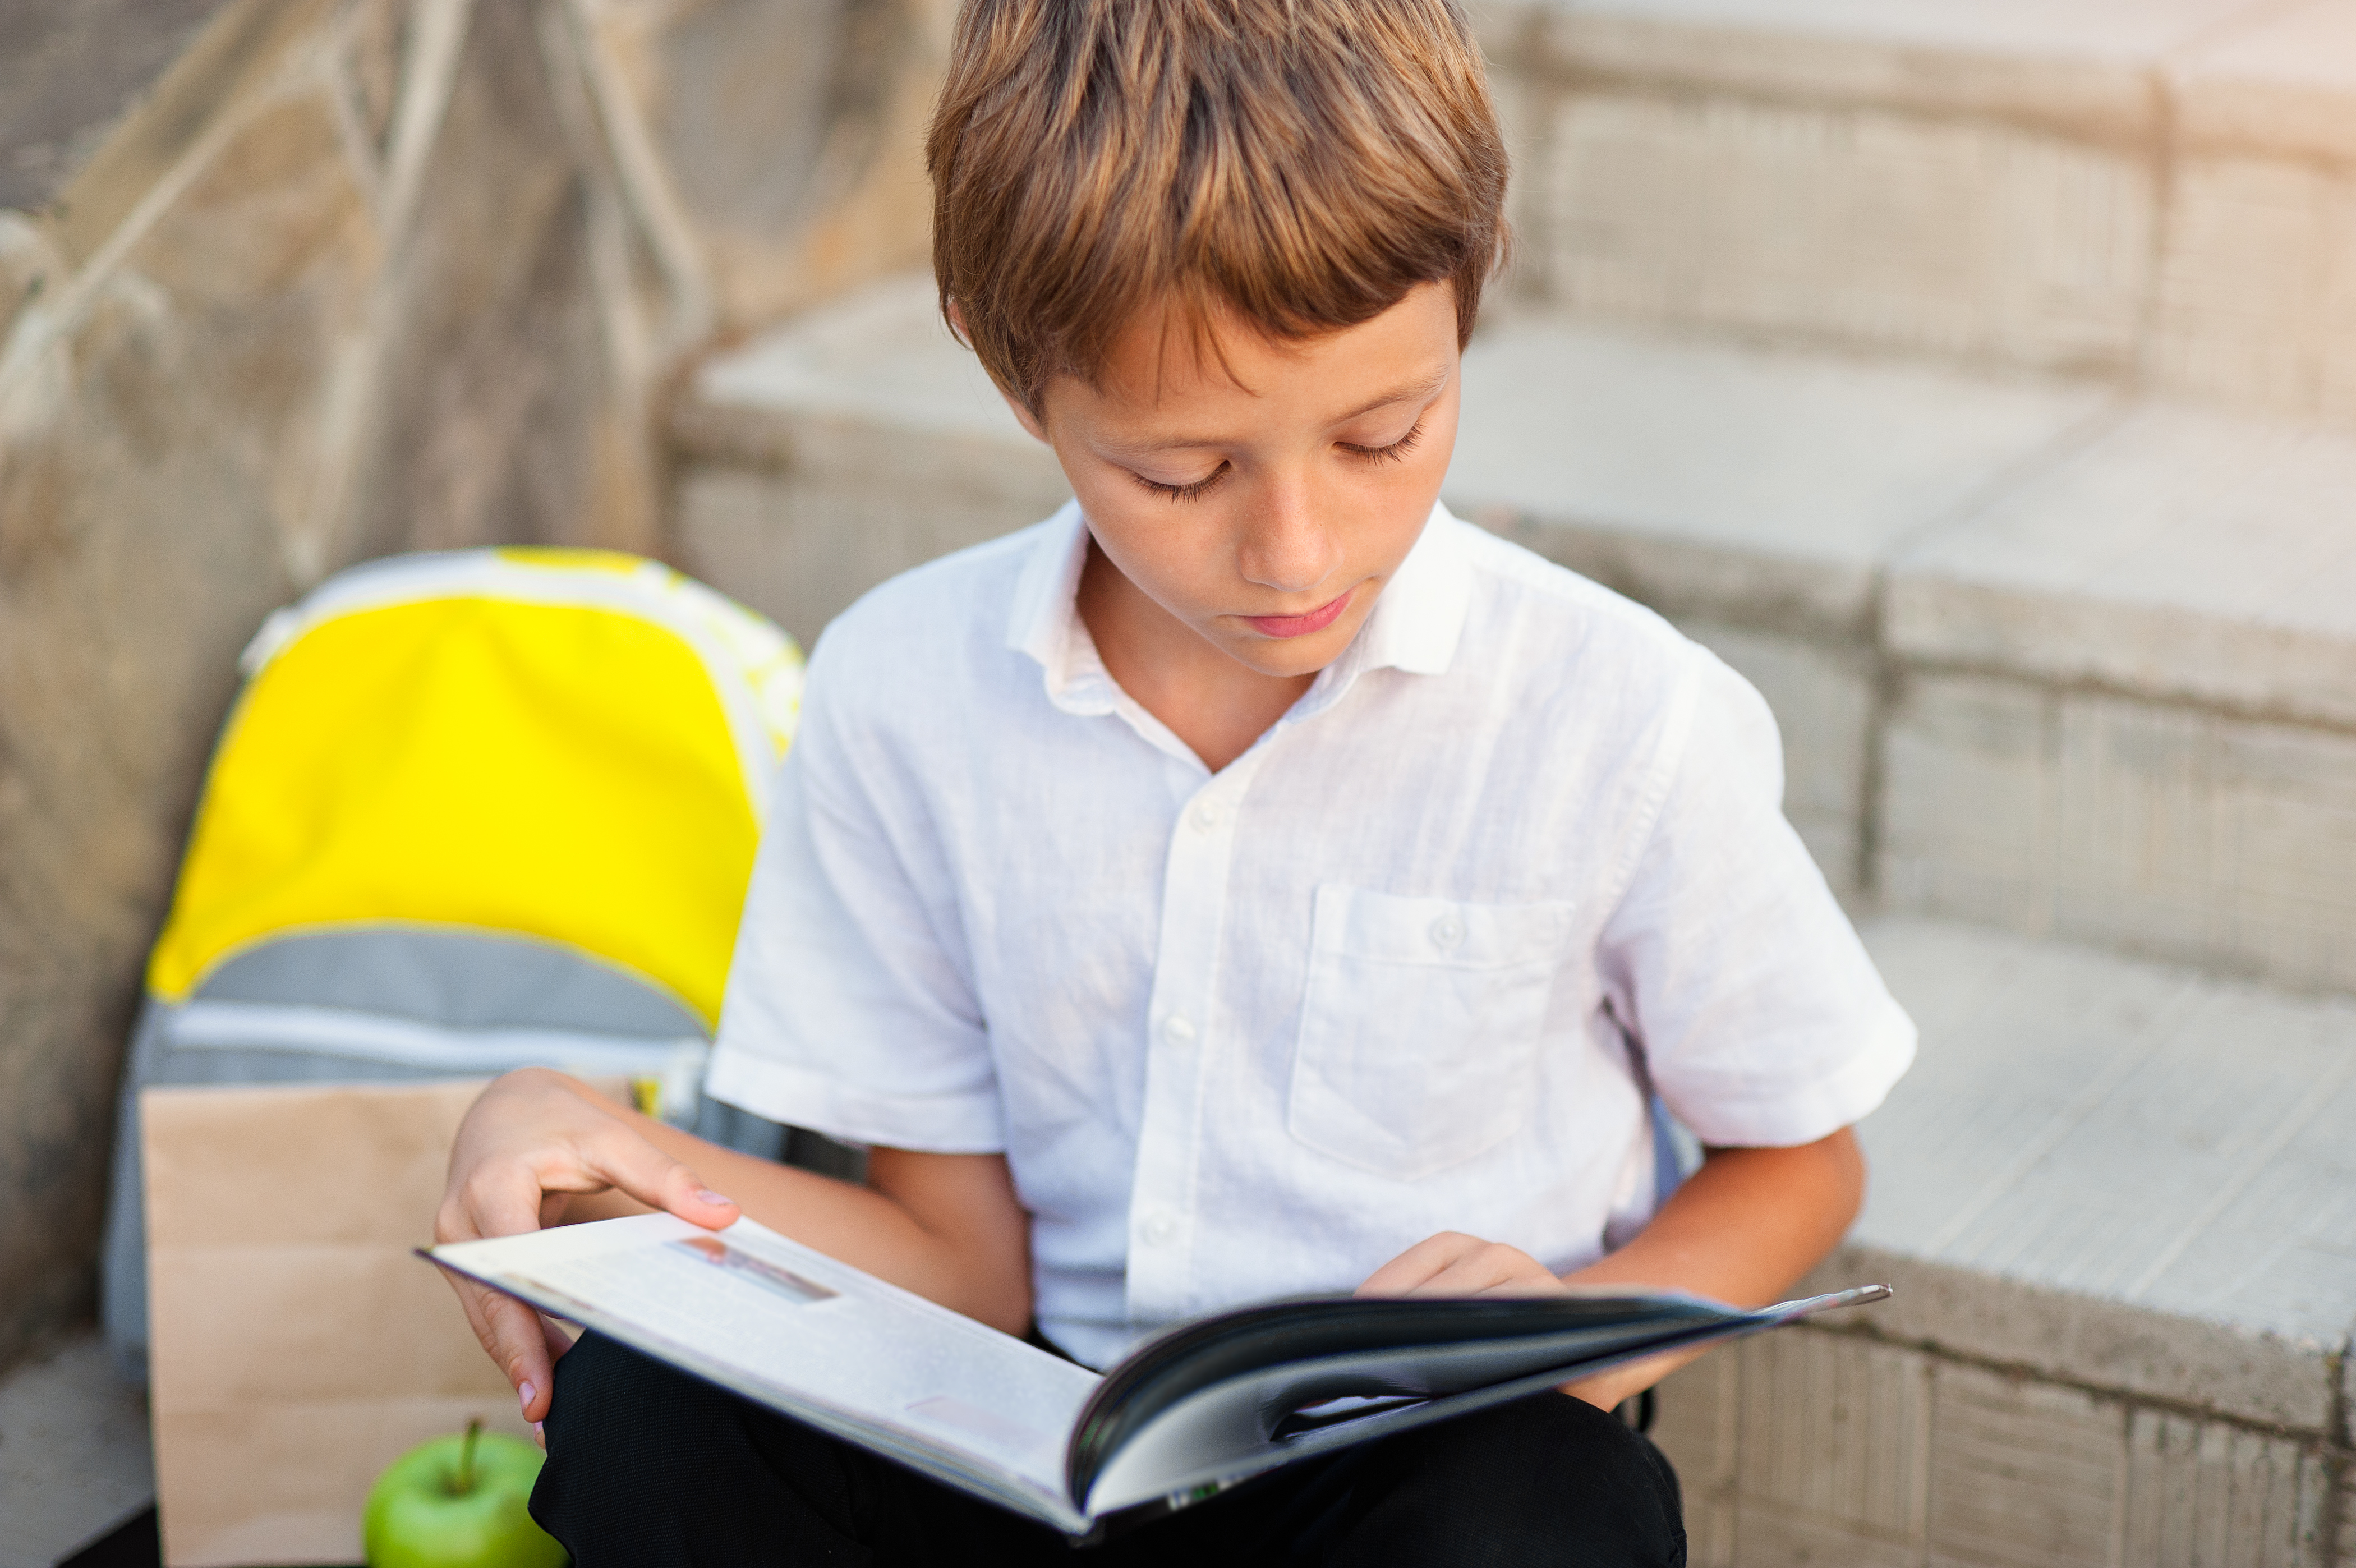 Anzeichen und Nachsorge: Das braucht dein Kind nach einer Gehirnerschütterung